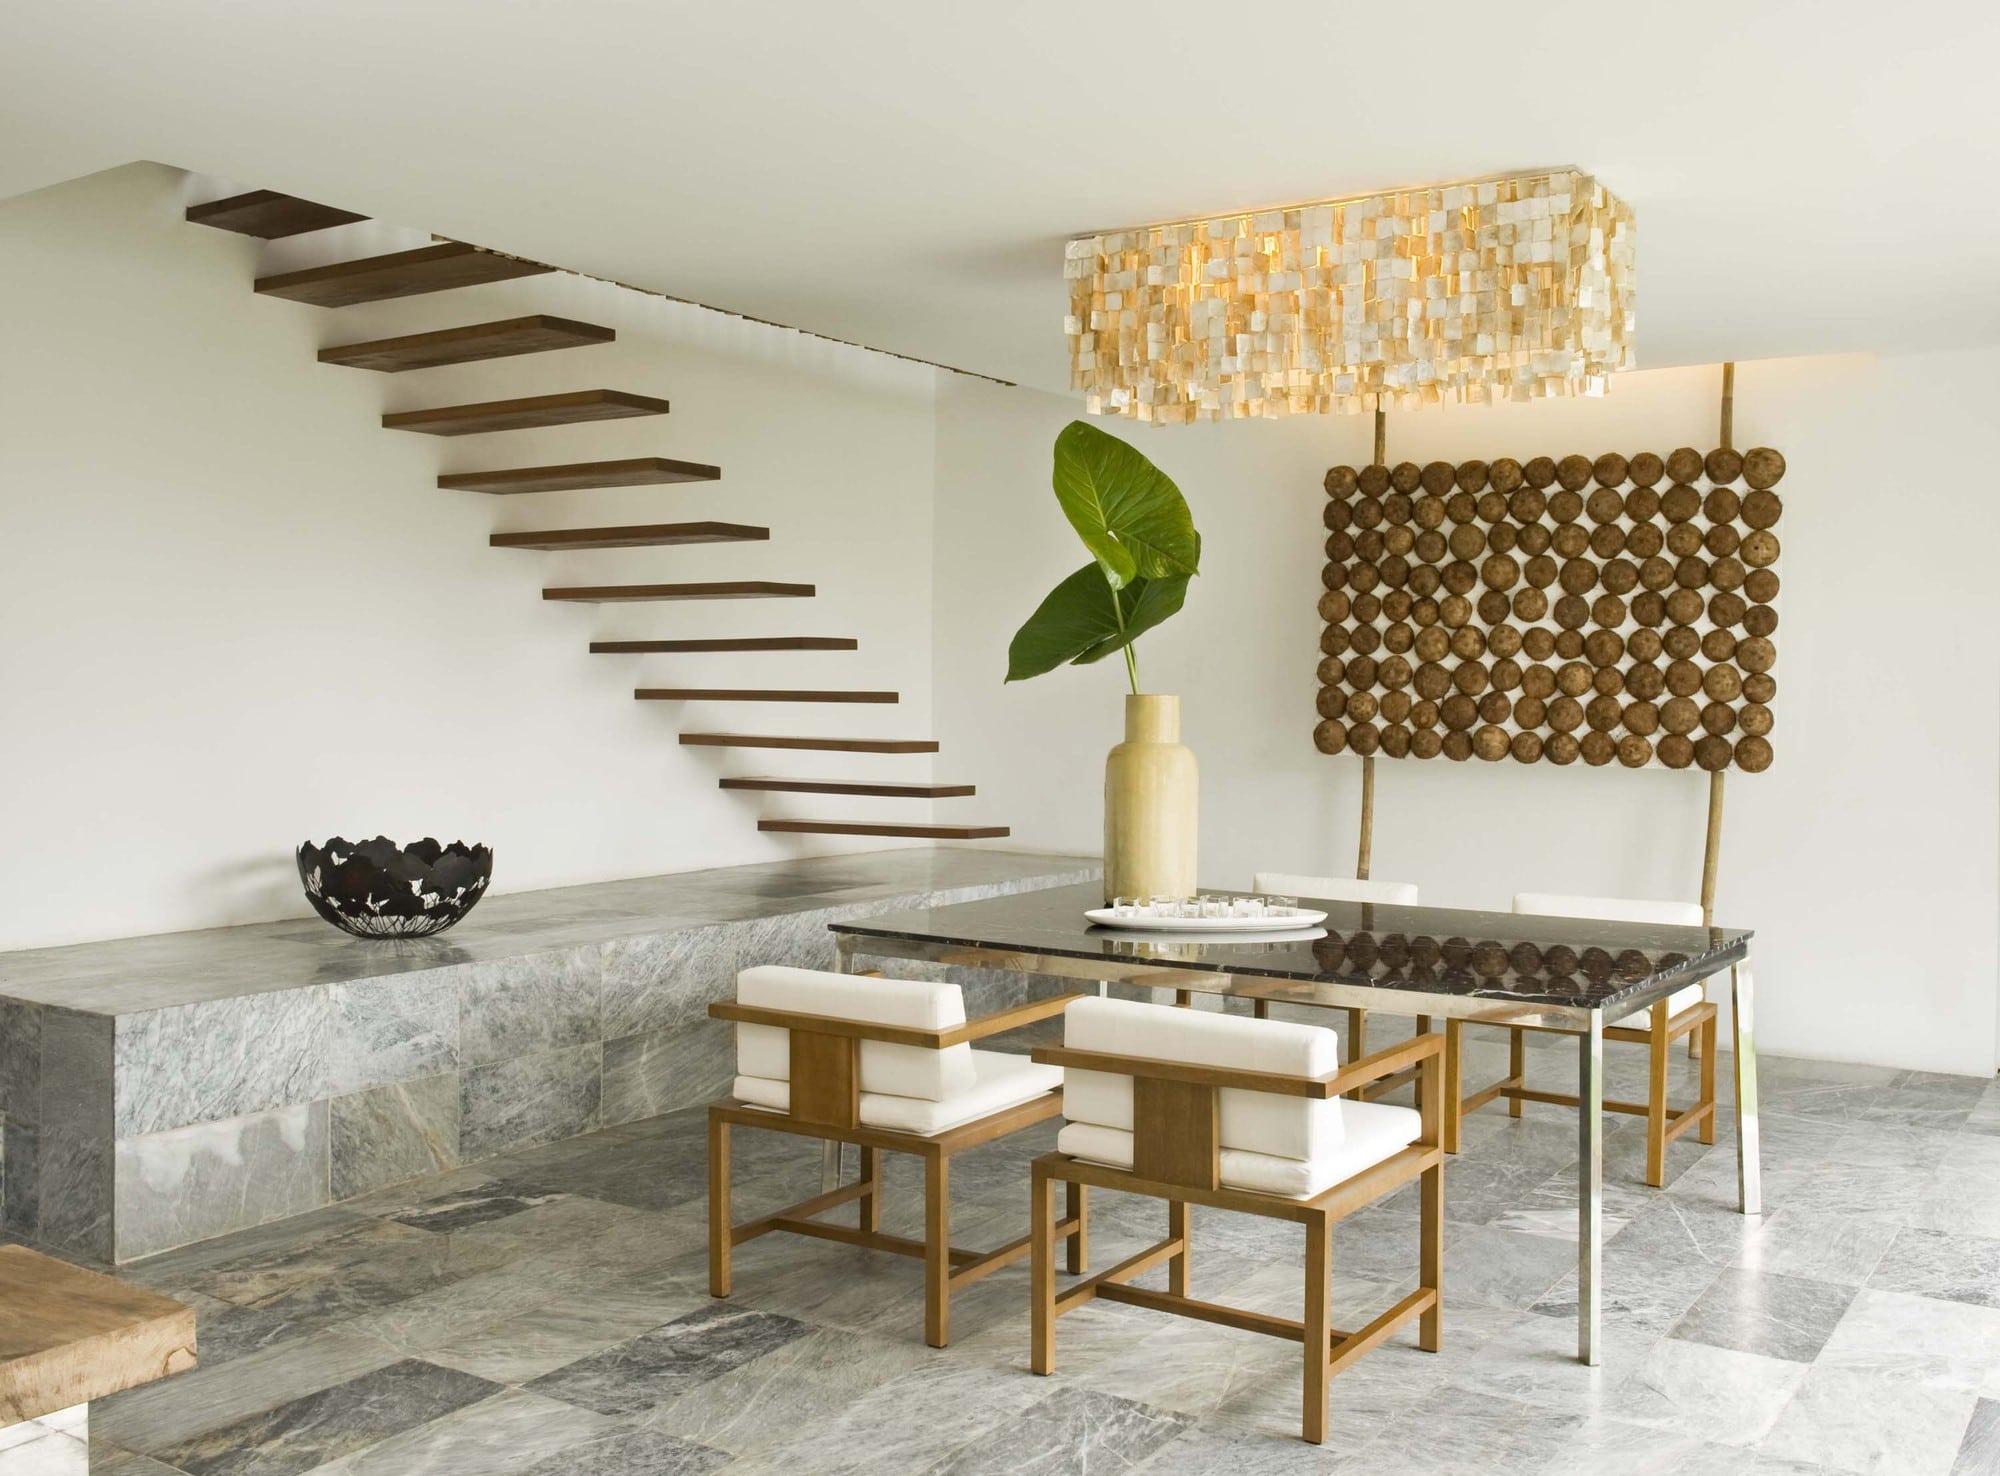 decoracion de interiores de casas tipo rustico: de techo de conchas de capiz de tono dorado que le dan un toque